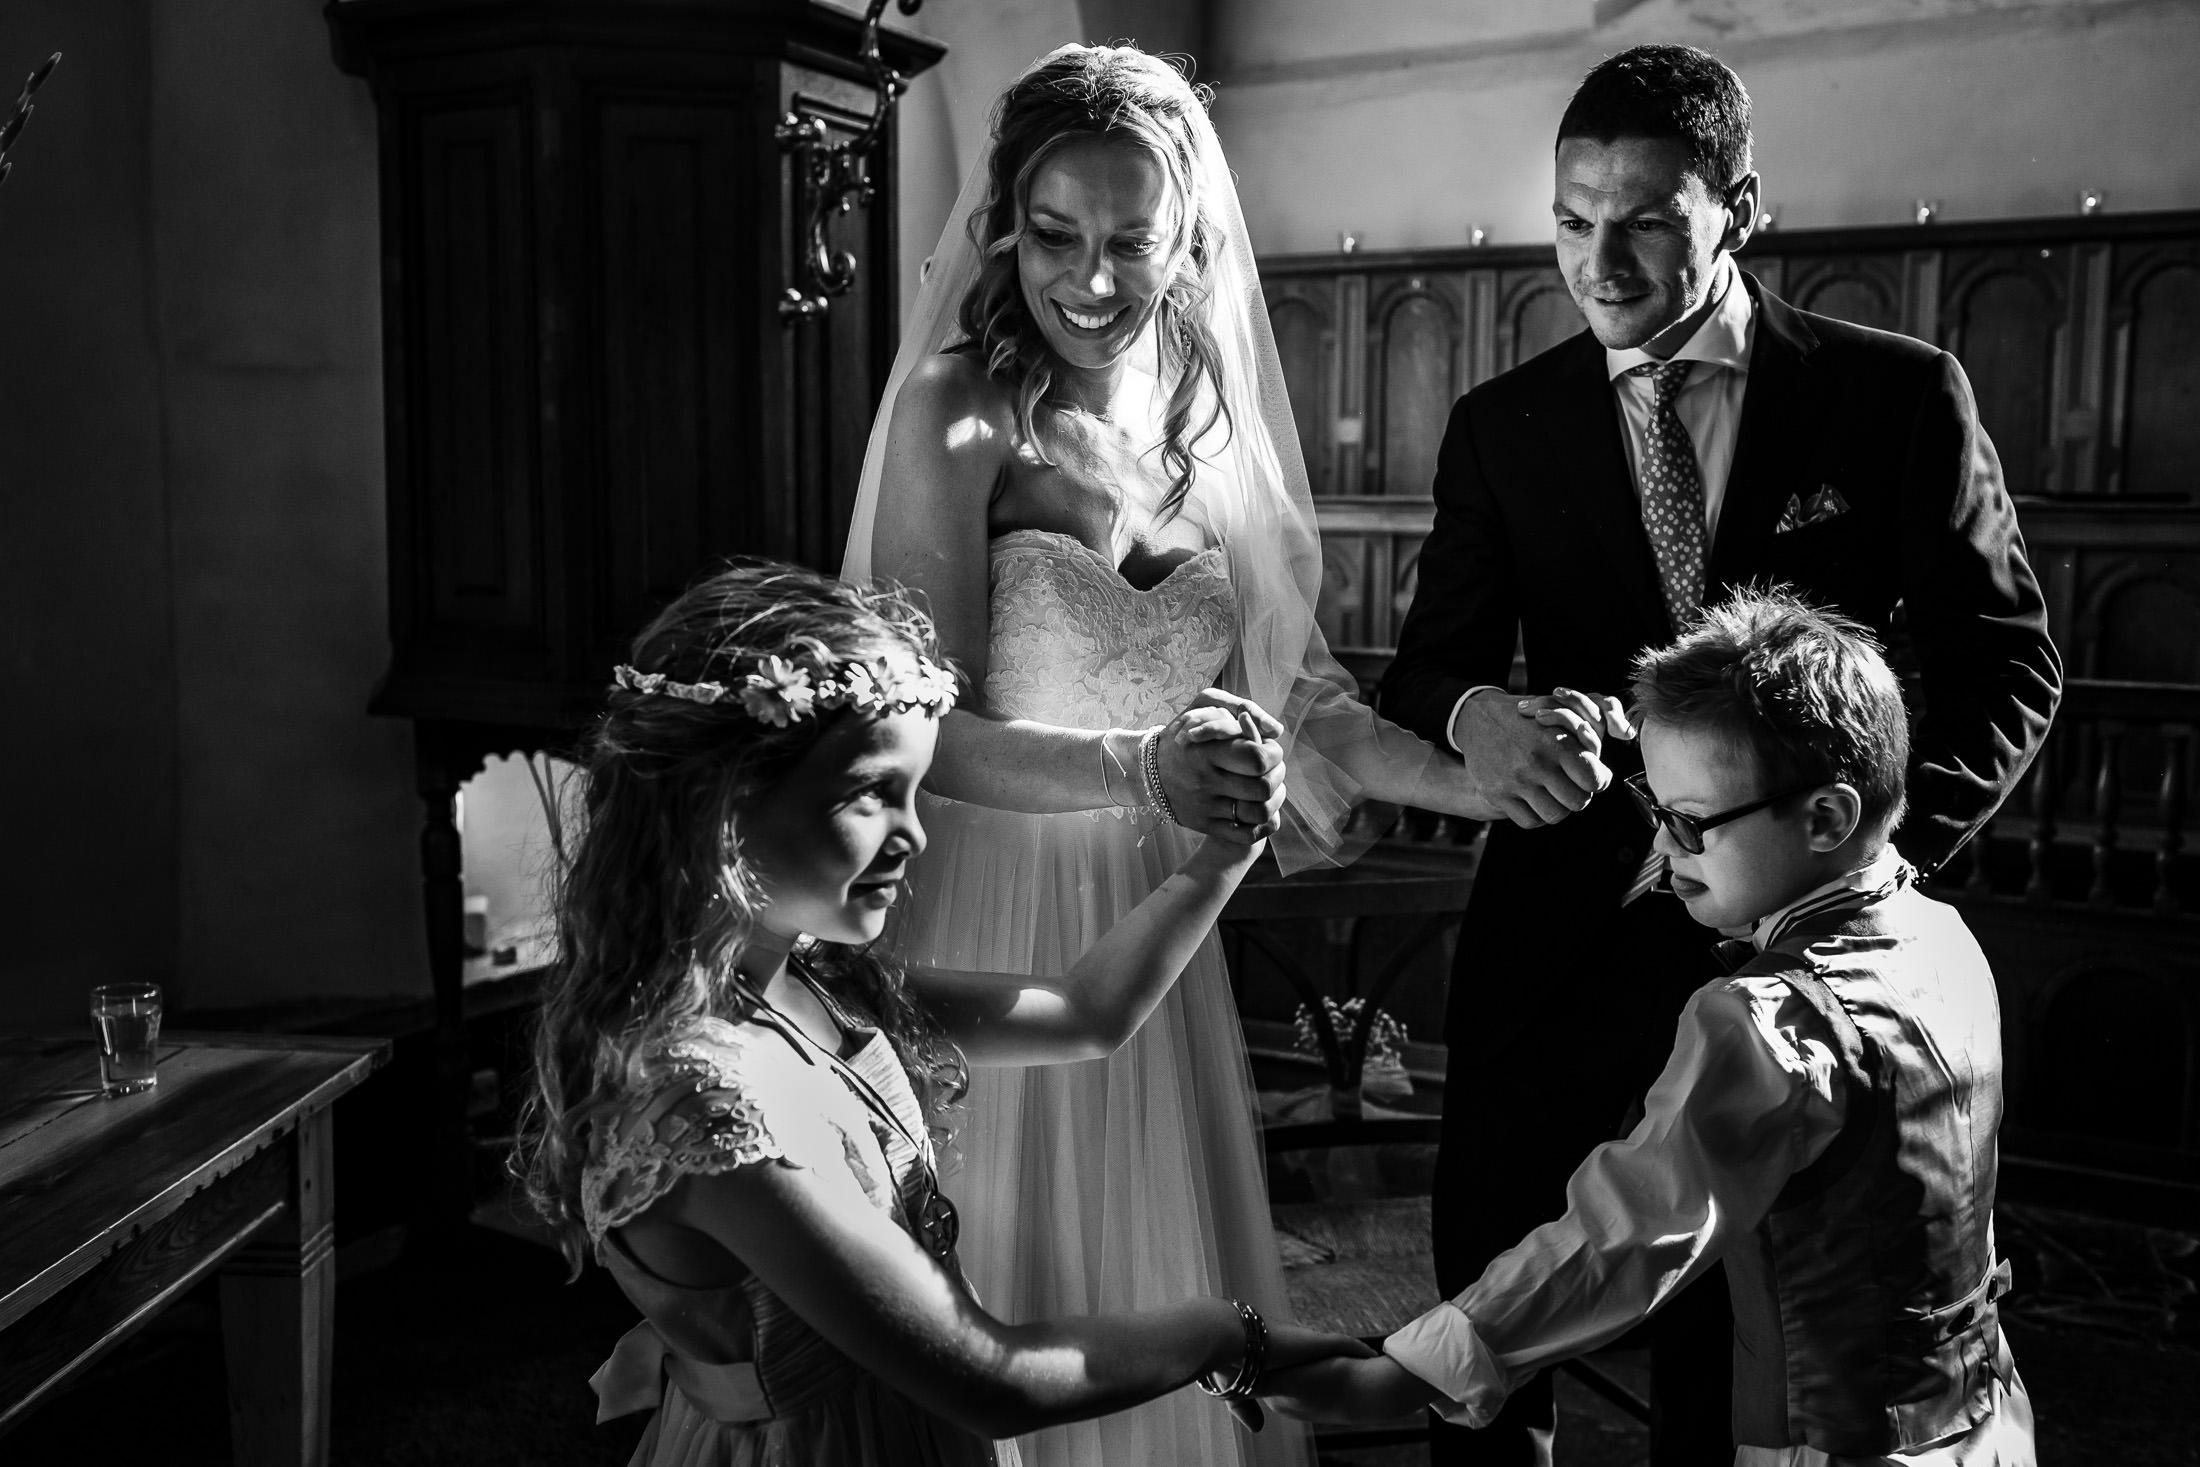 Trouwen op Texel | Trouwfotograaf Texel | Trouwen op de Wadden | Bruiloft op Texel | Bruidsfotograaf Noord-Holland